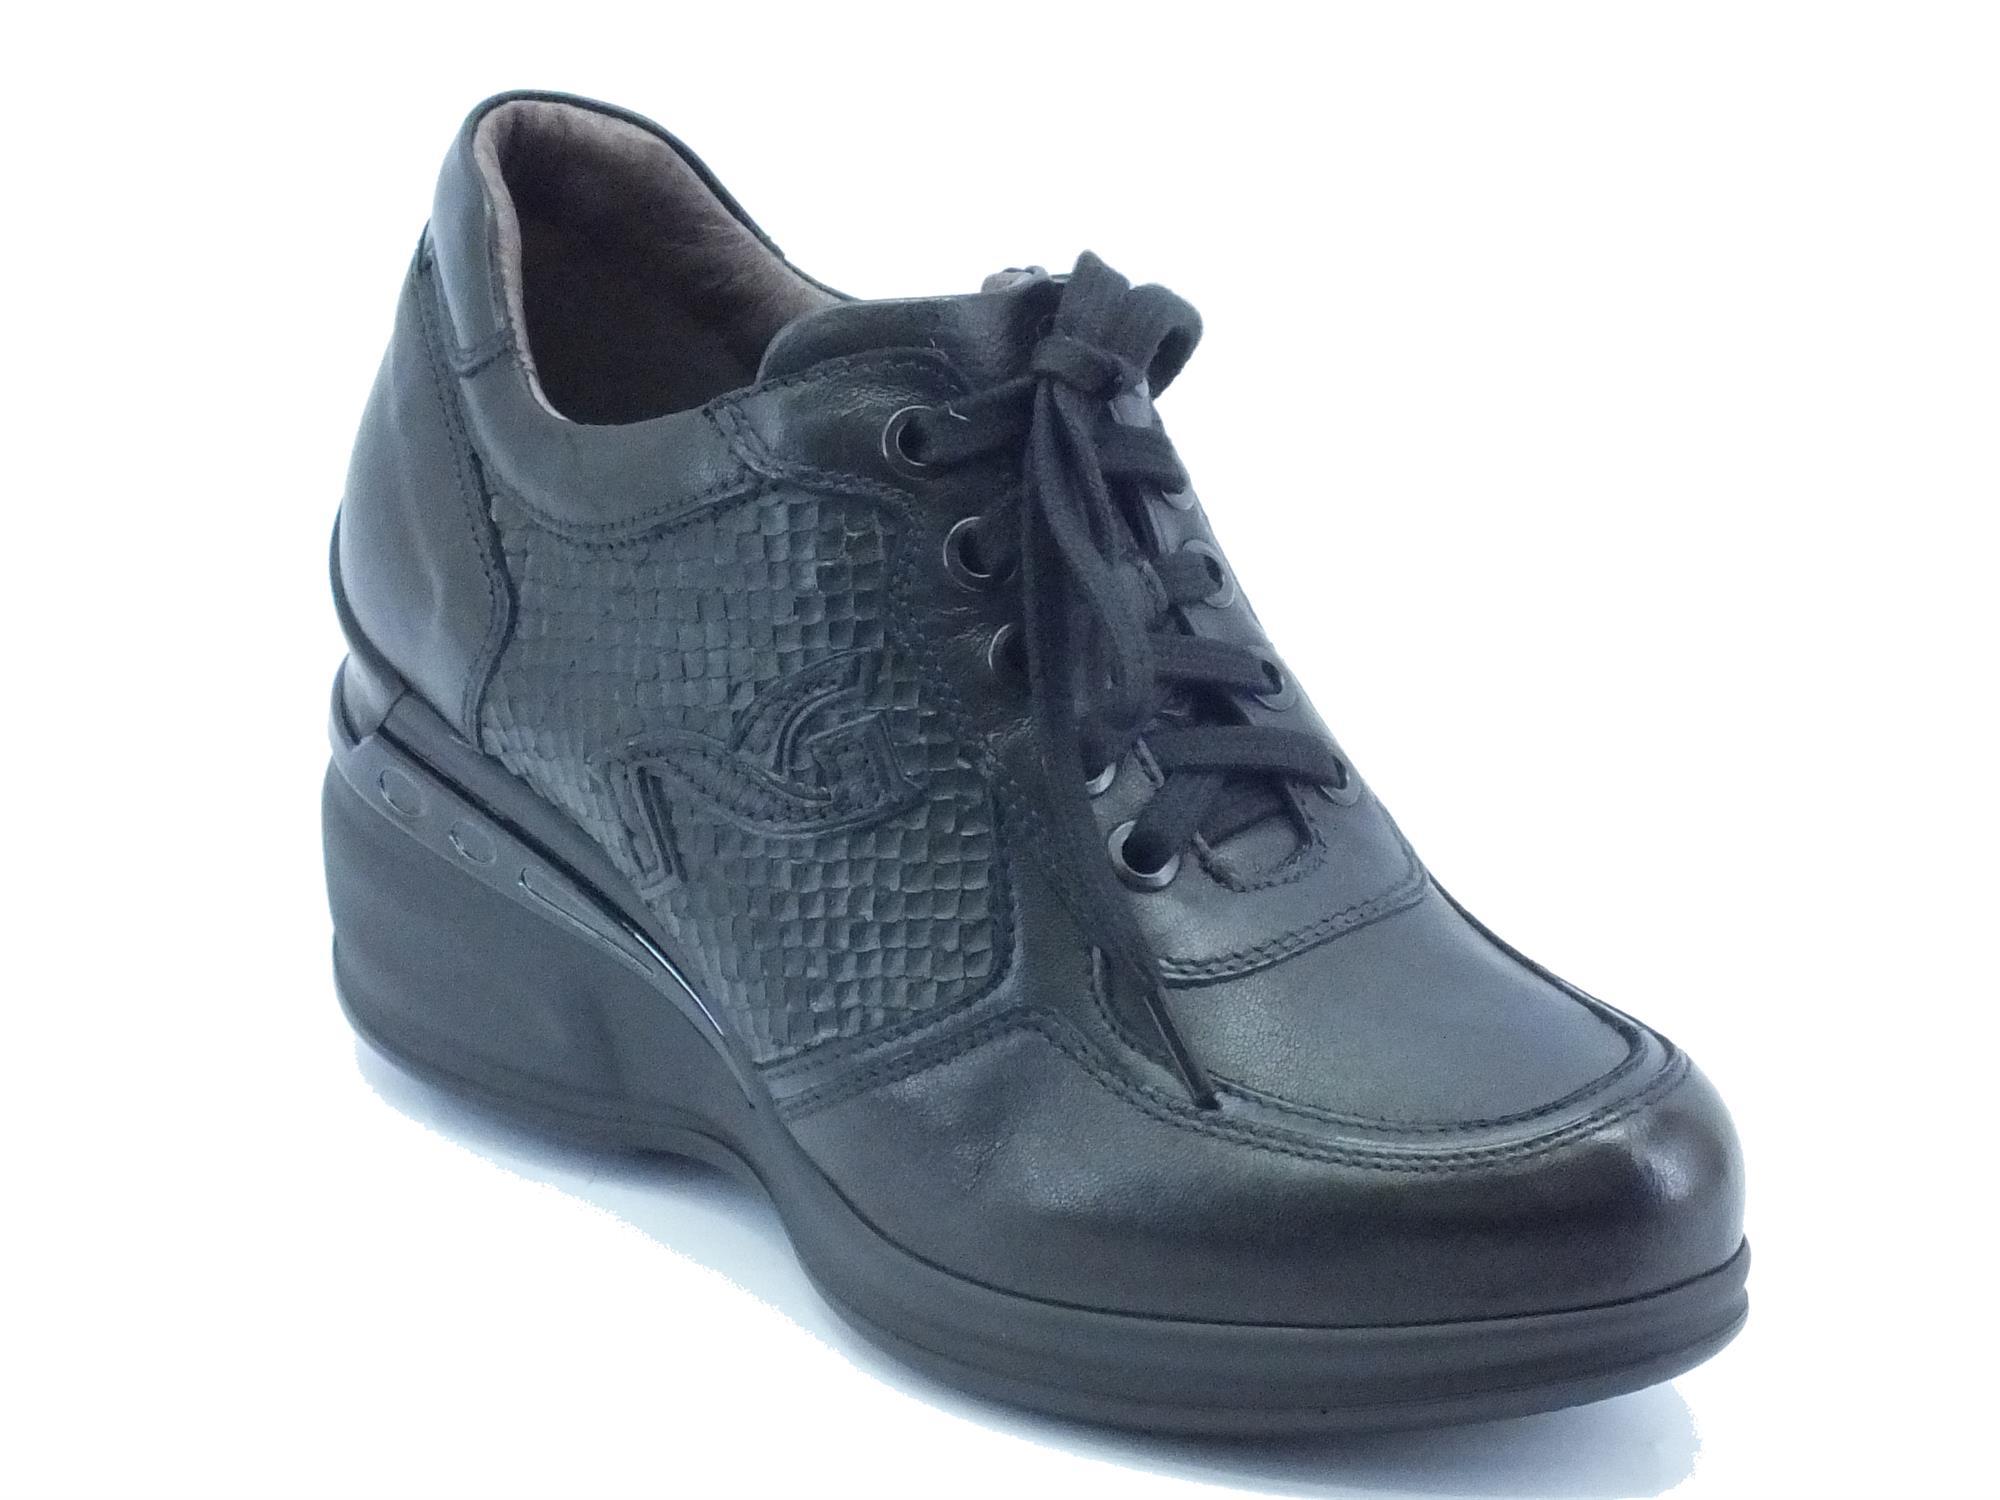 Sneakers per donna NeroGiardini in pelle nero con zeppa